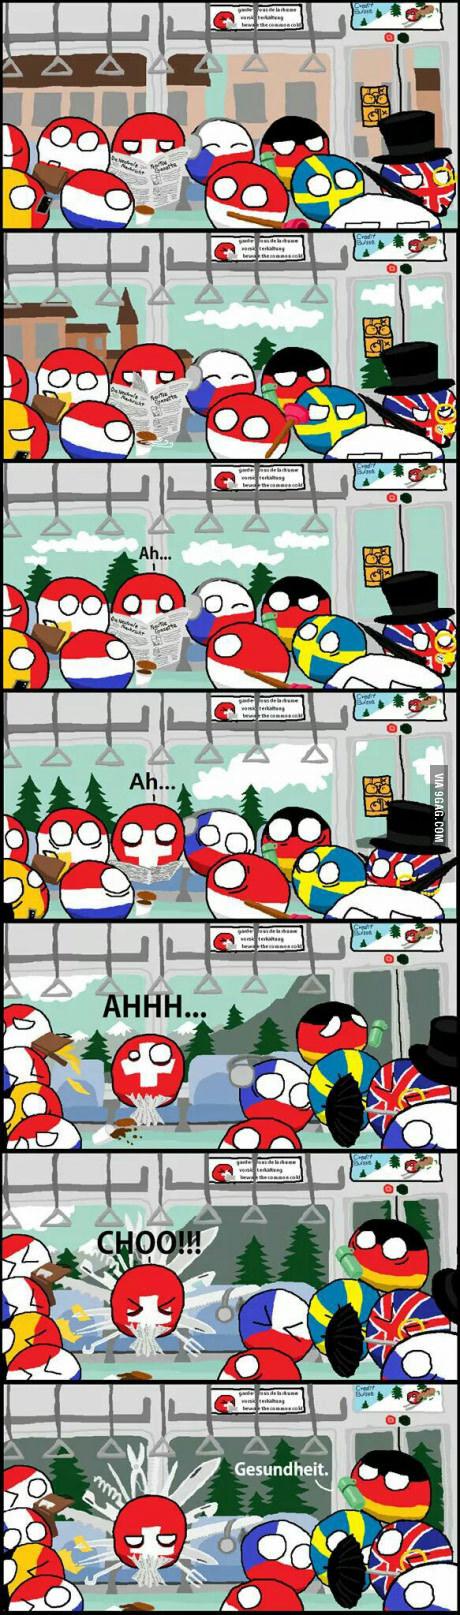 Suiza y sus creaciones. - meme